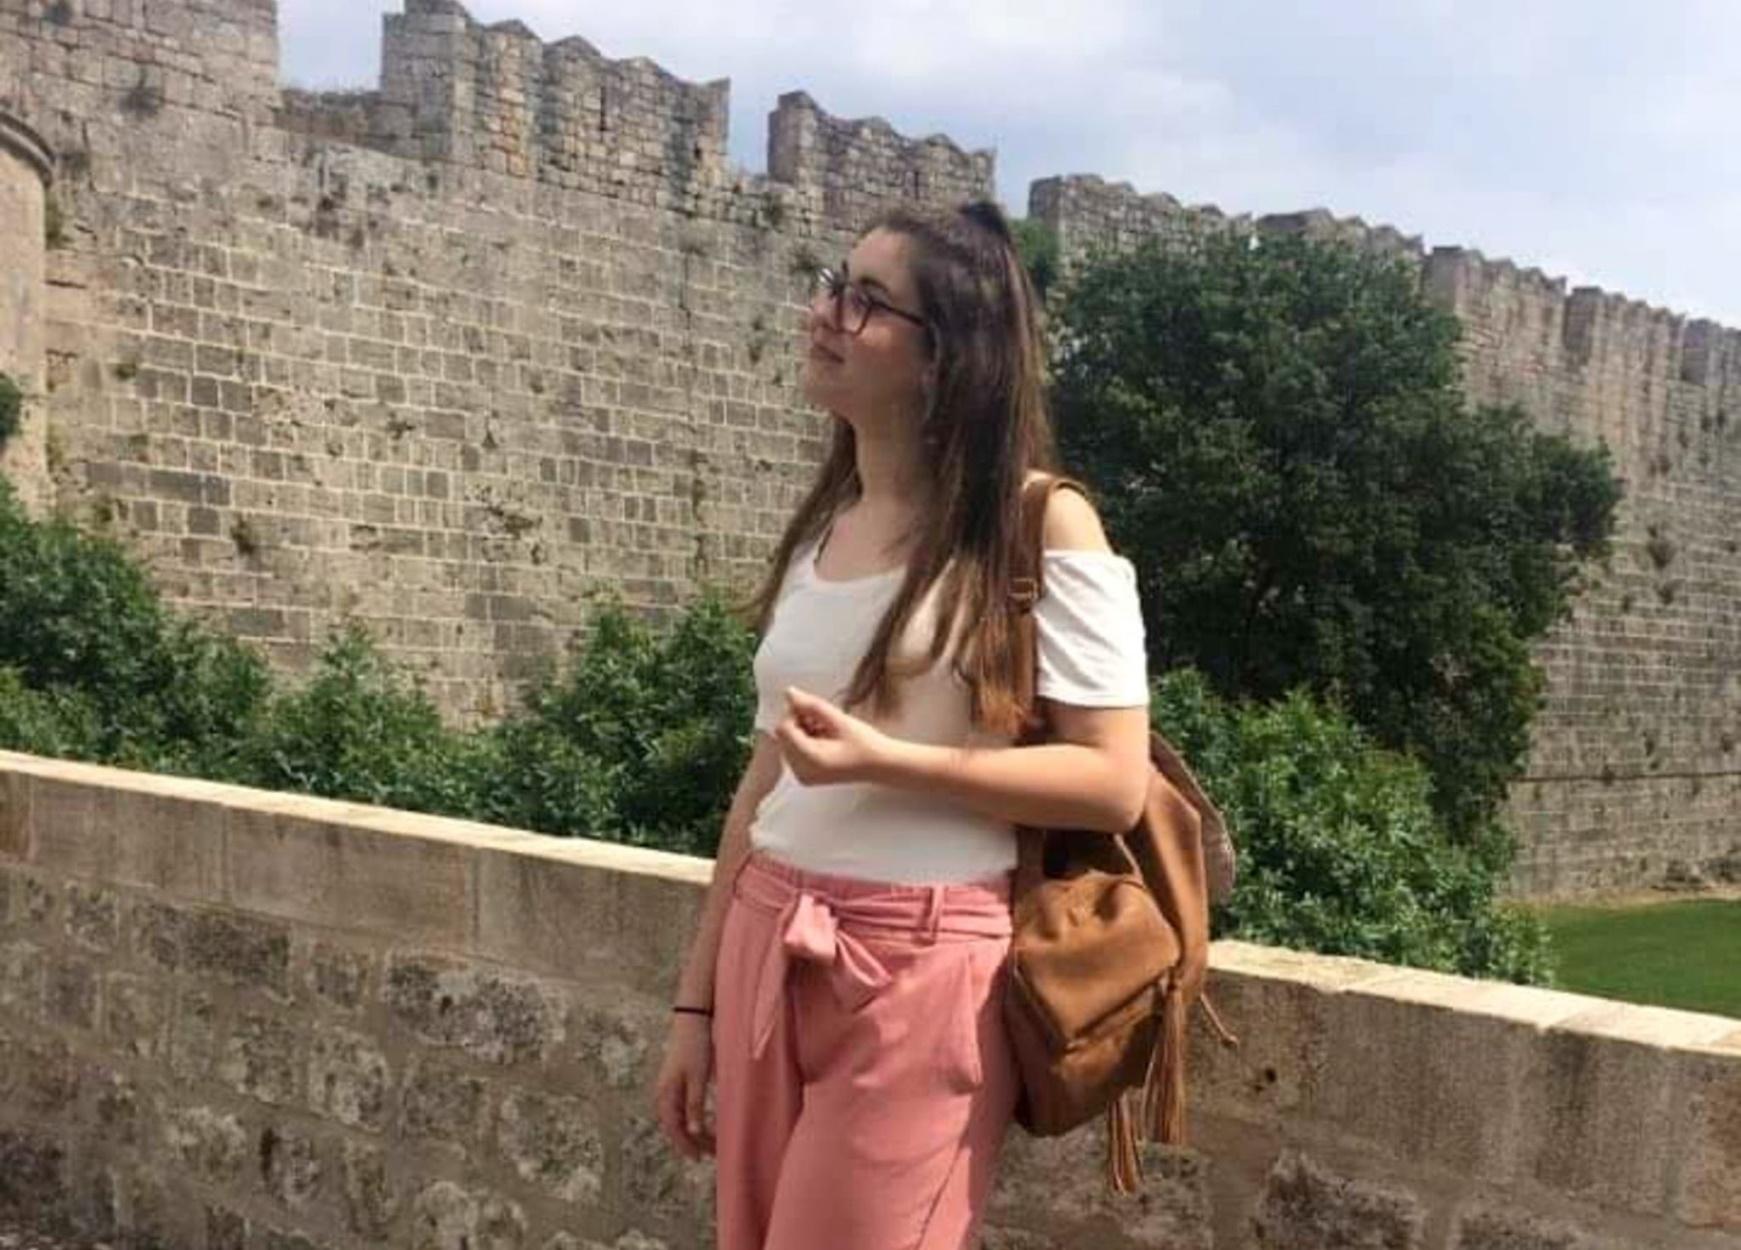 """Ελένη Τοπαλούδη: Δύο χρόνια από τη δολοφονία που συγκλόνισε το πανελλήνιο – Τα πέντε κινητά που περιμένουν να """"μιλήσουν"""""""